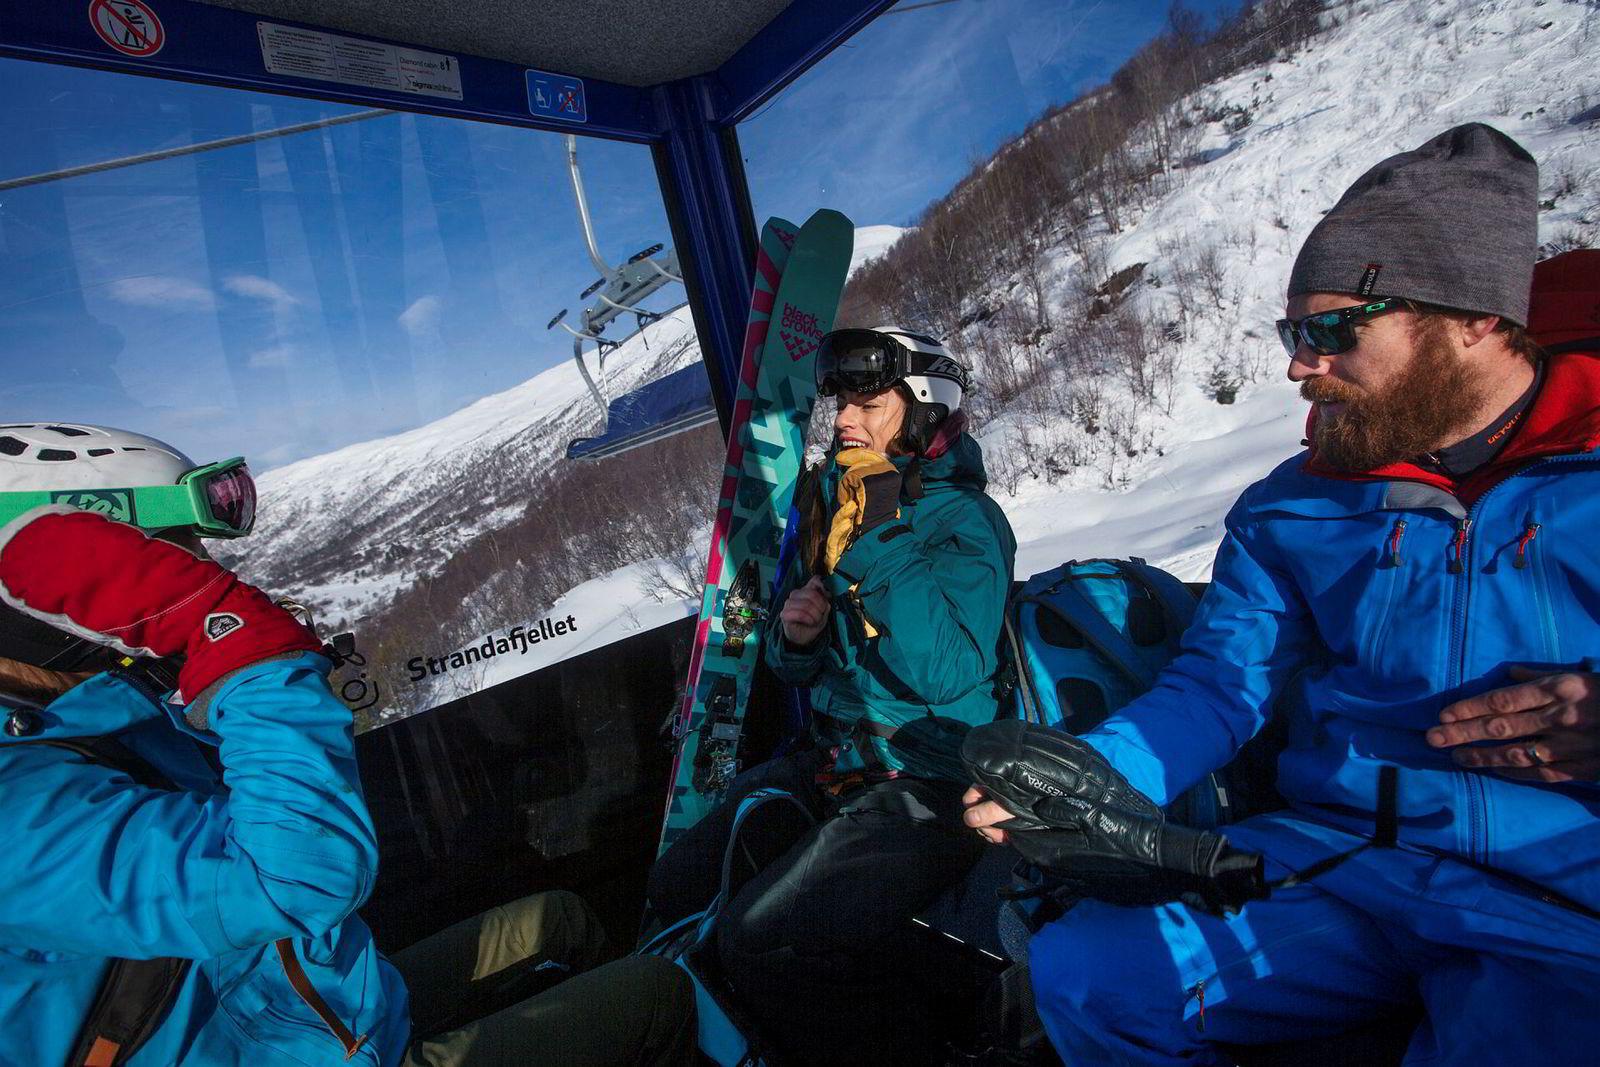 Kristine Slinning (f.v.), Anne May Slinning og Karsten Gefle er spente på snøforholdene når de venter på at gondolen skal ta dem til toppen av Strandafjellet.